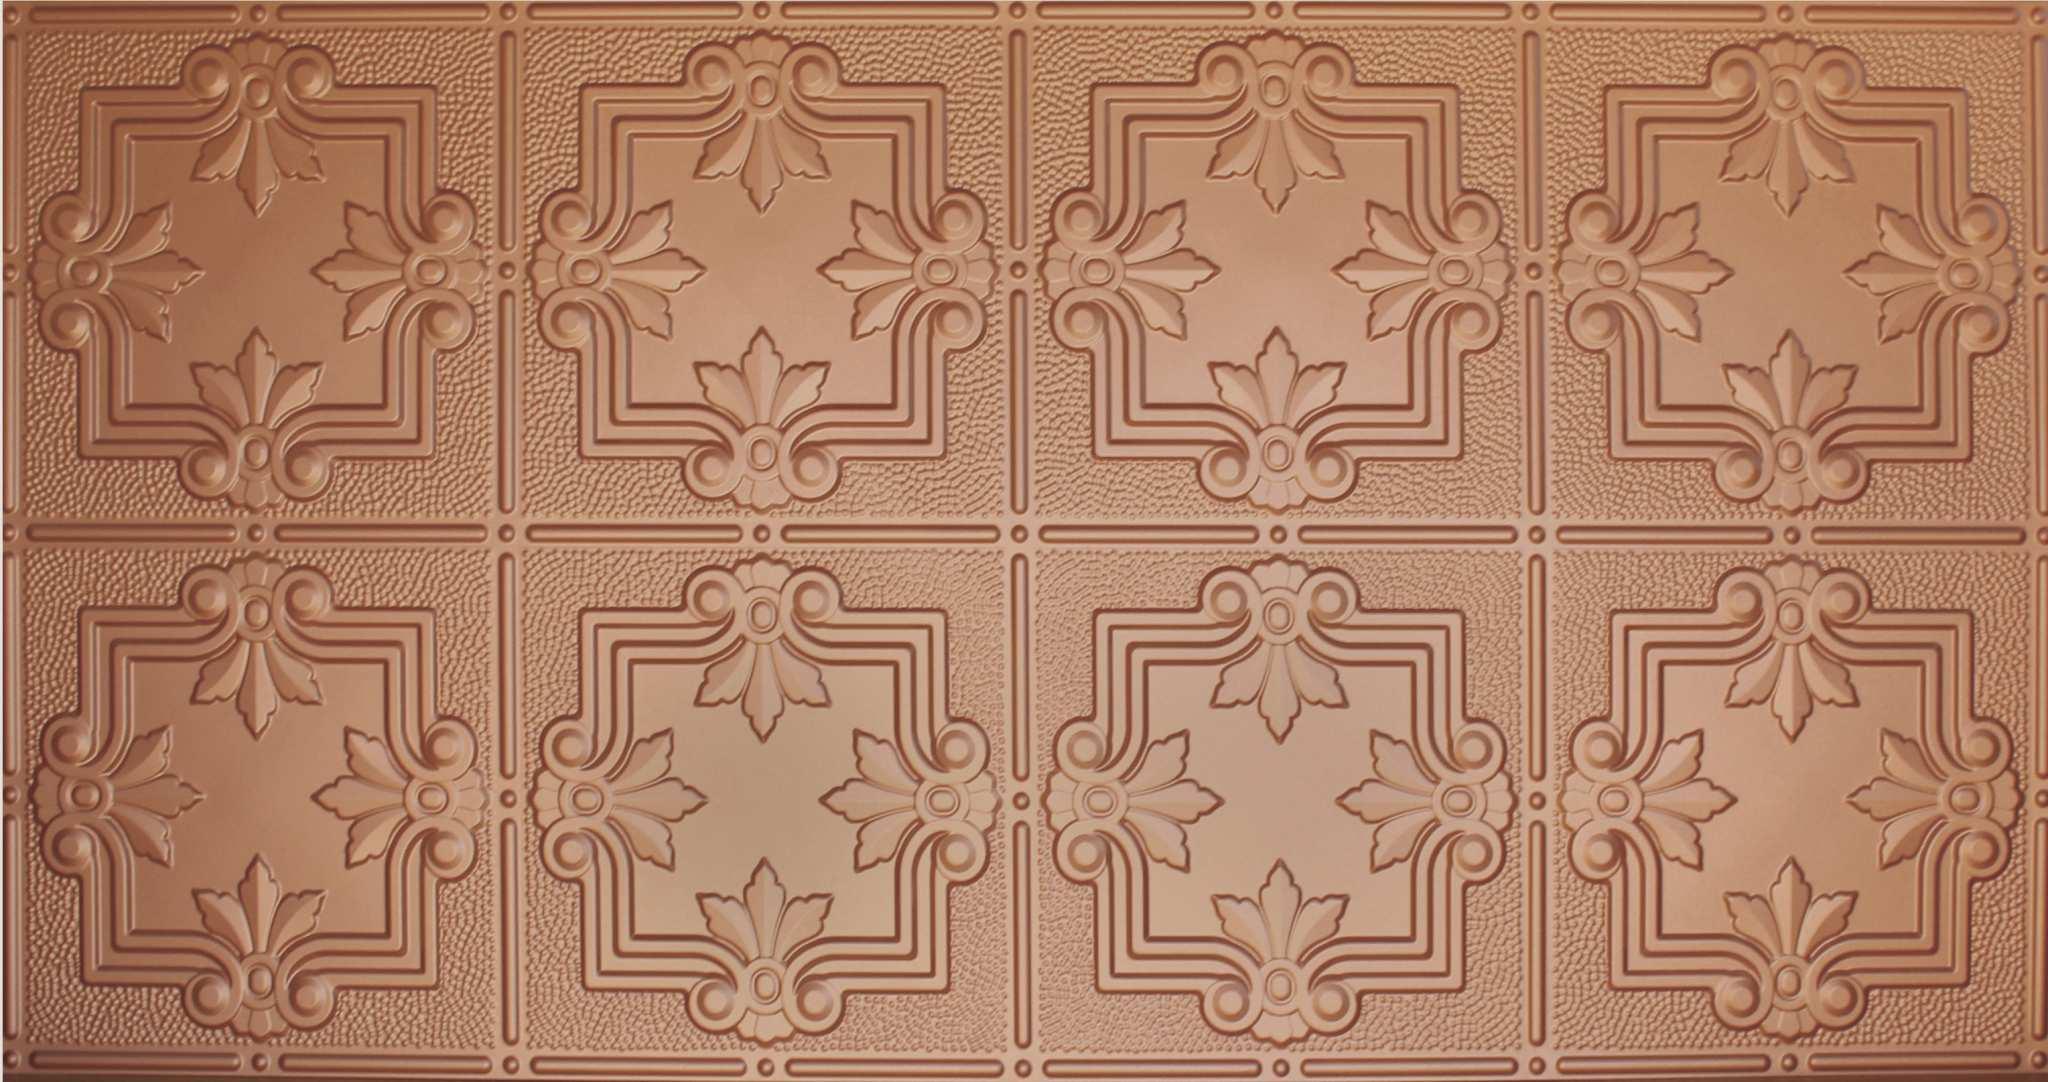 Excellent 12X12 Ceiling Tile Huge 16 By 16 Ceramic Tile Square 18 Inch Ceramic Tile 2 X 2 Ceiling Tile Old 2X2 Drop Ceiling Tiles Dark2X4 Tile Backsplash Faux Tin Ceiling Tiles \u2022 SurfacingSolution